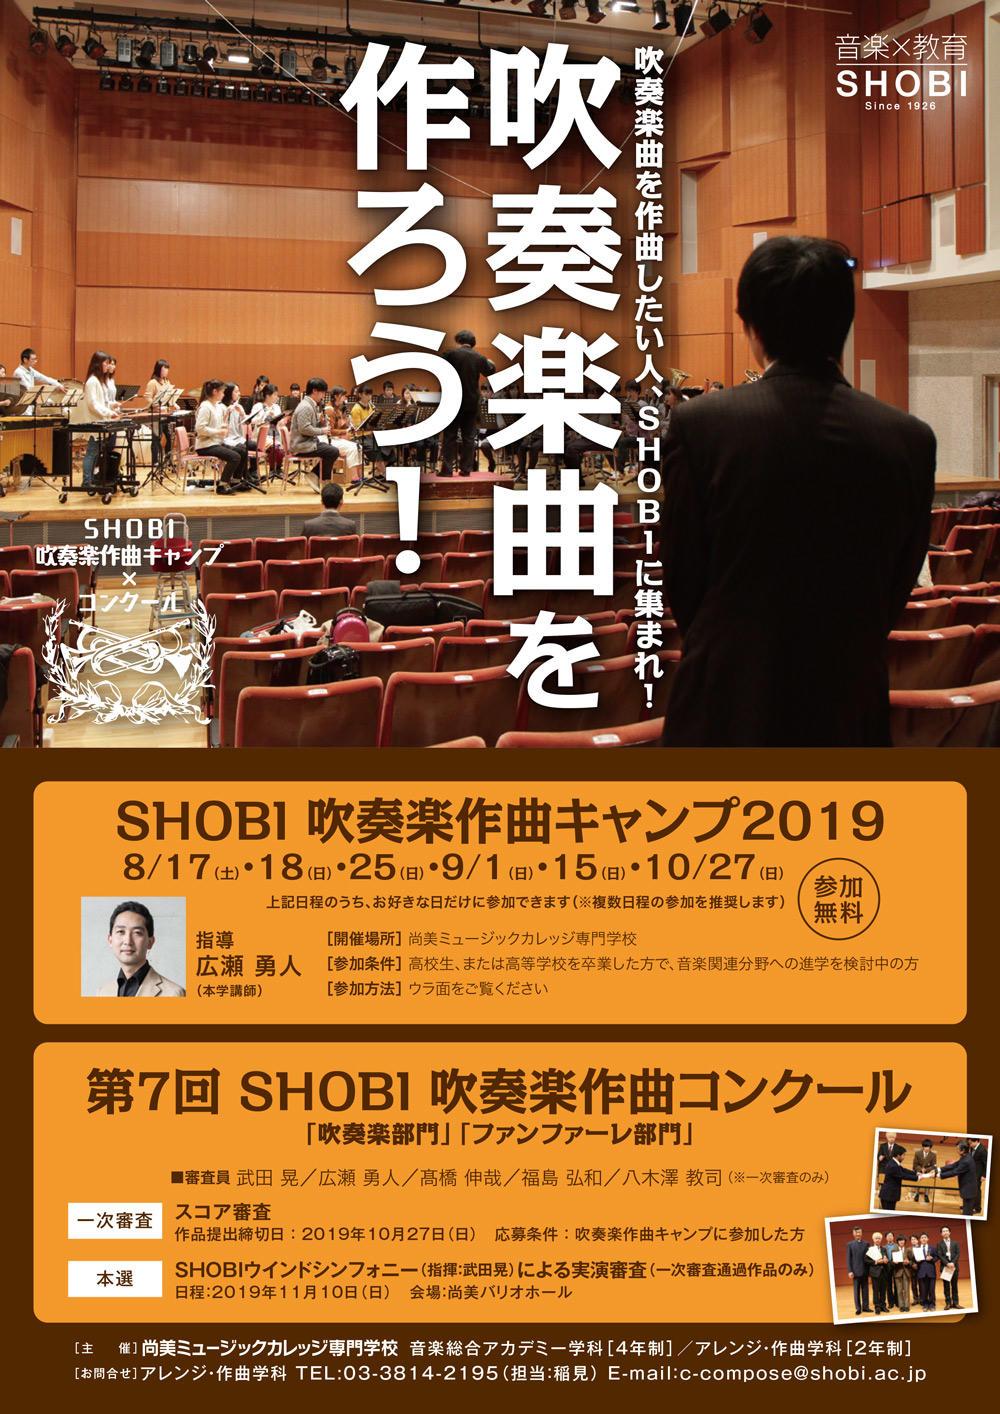 吹奏楽曲を作ろう!「SHOBI吹奏楽作曲キャンプ2019×第7回SHOBI吹奏楽作曲コンクール」